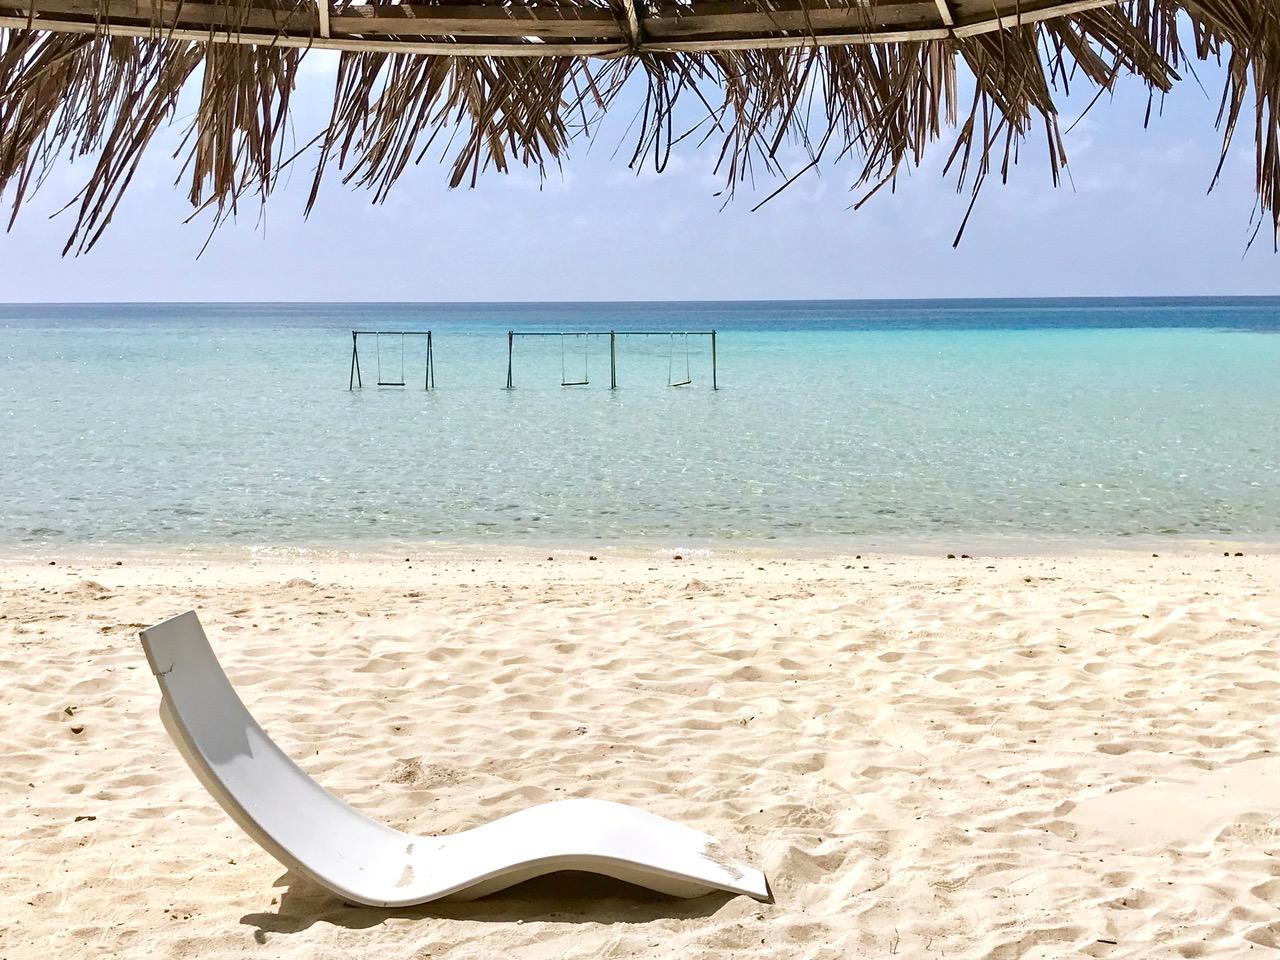 spiaggia-def-5